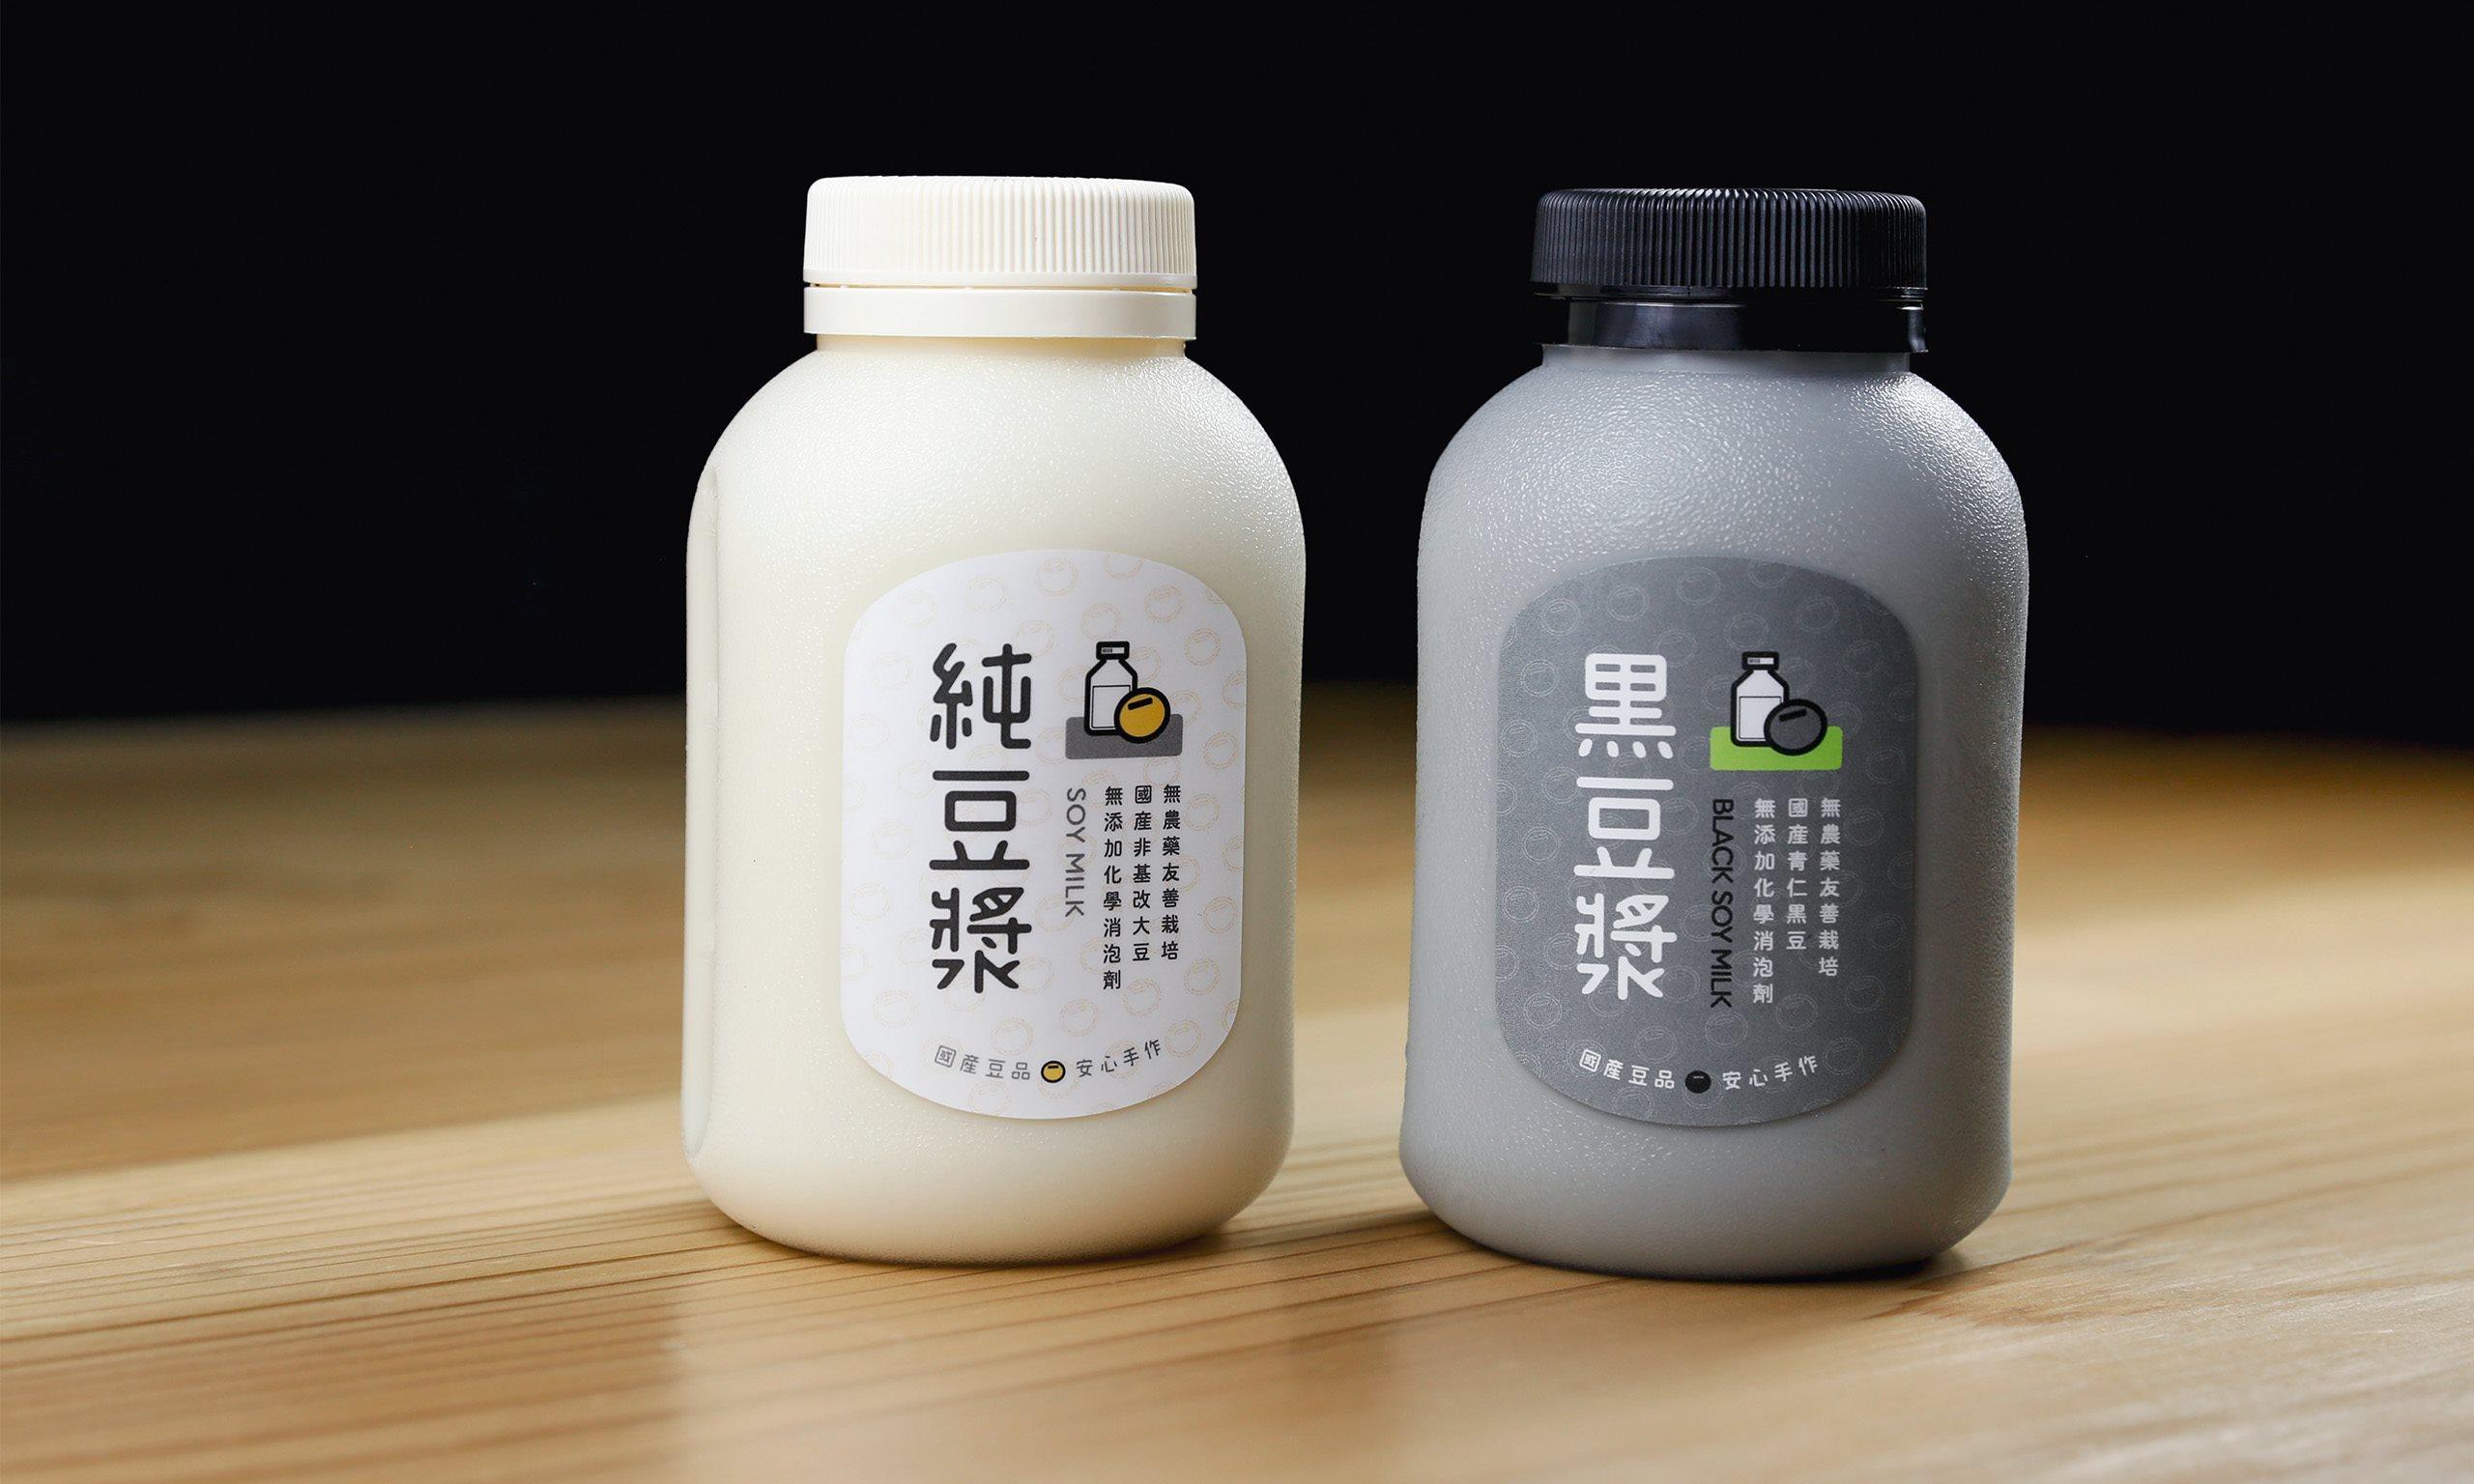 100% Domestic Non-GMO Soy Milk